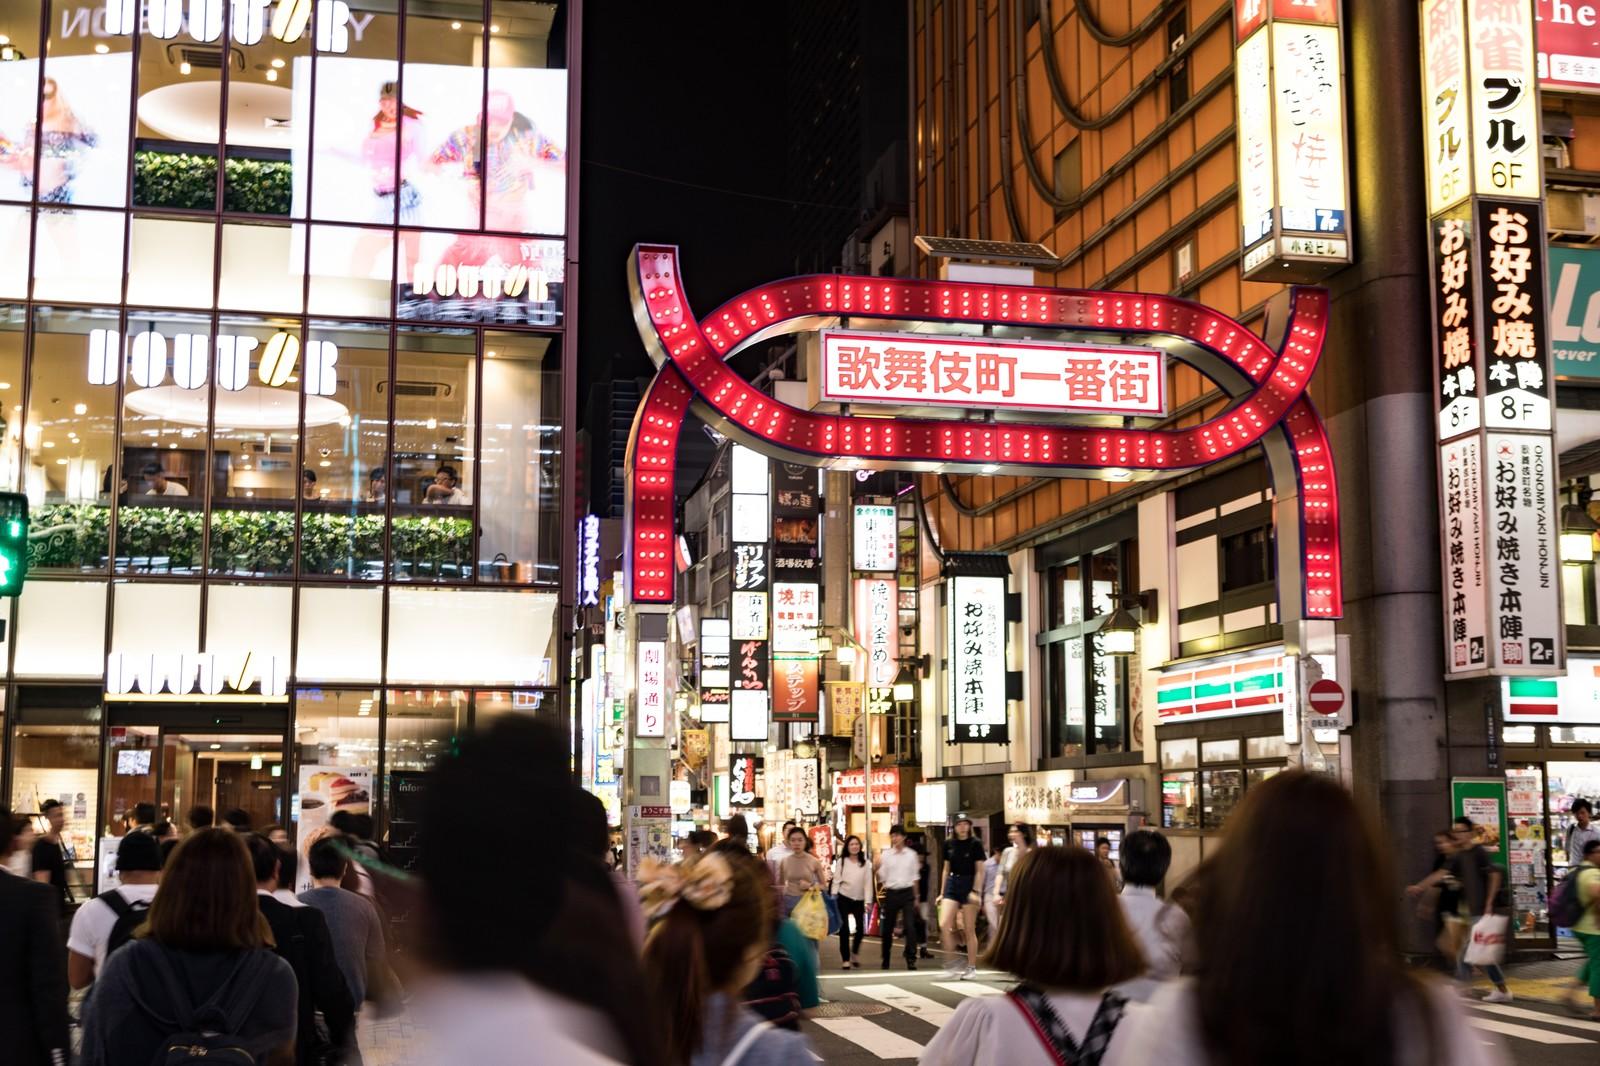 旅日搞丟東西怎麼辦?在日本搞丟務必報警求助,有很高機率找回來!